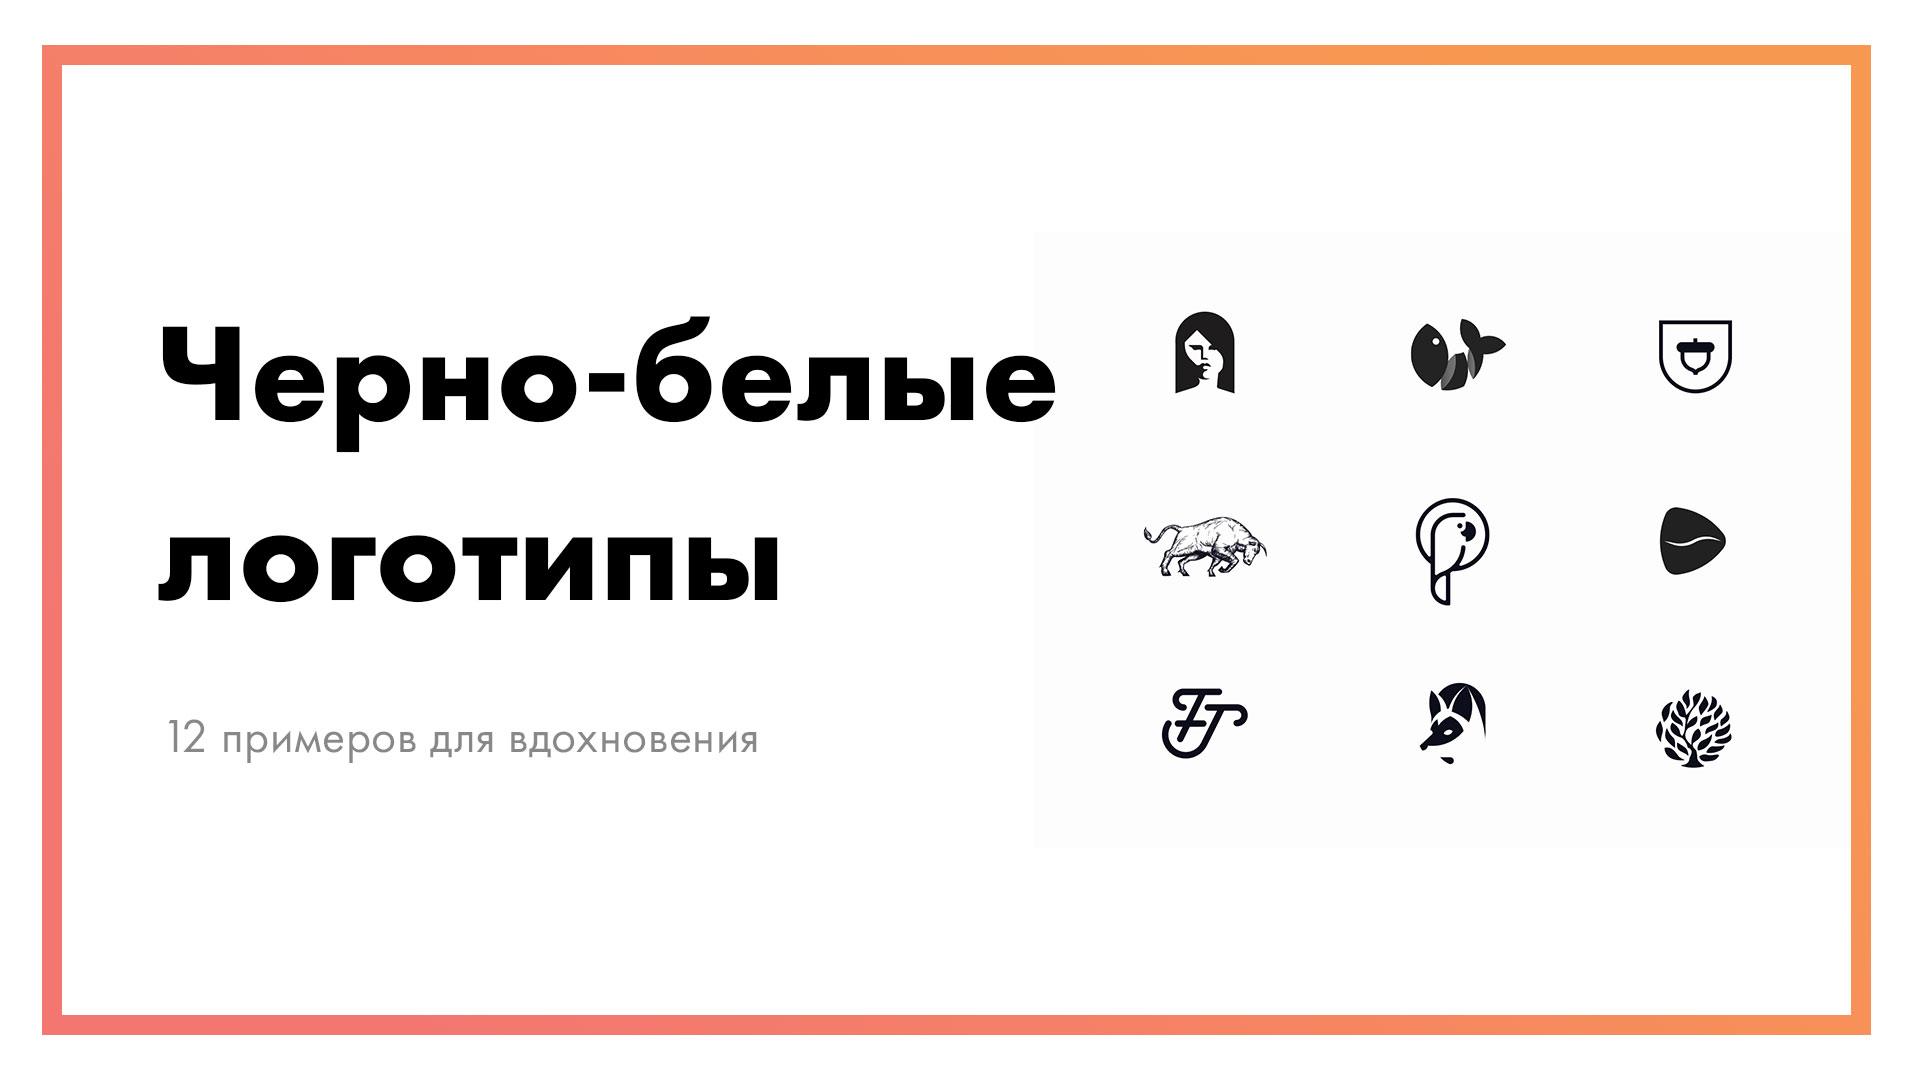 Черно-белые-логотипы-–-12-примеров-для-вдохновения.jpg